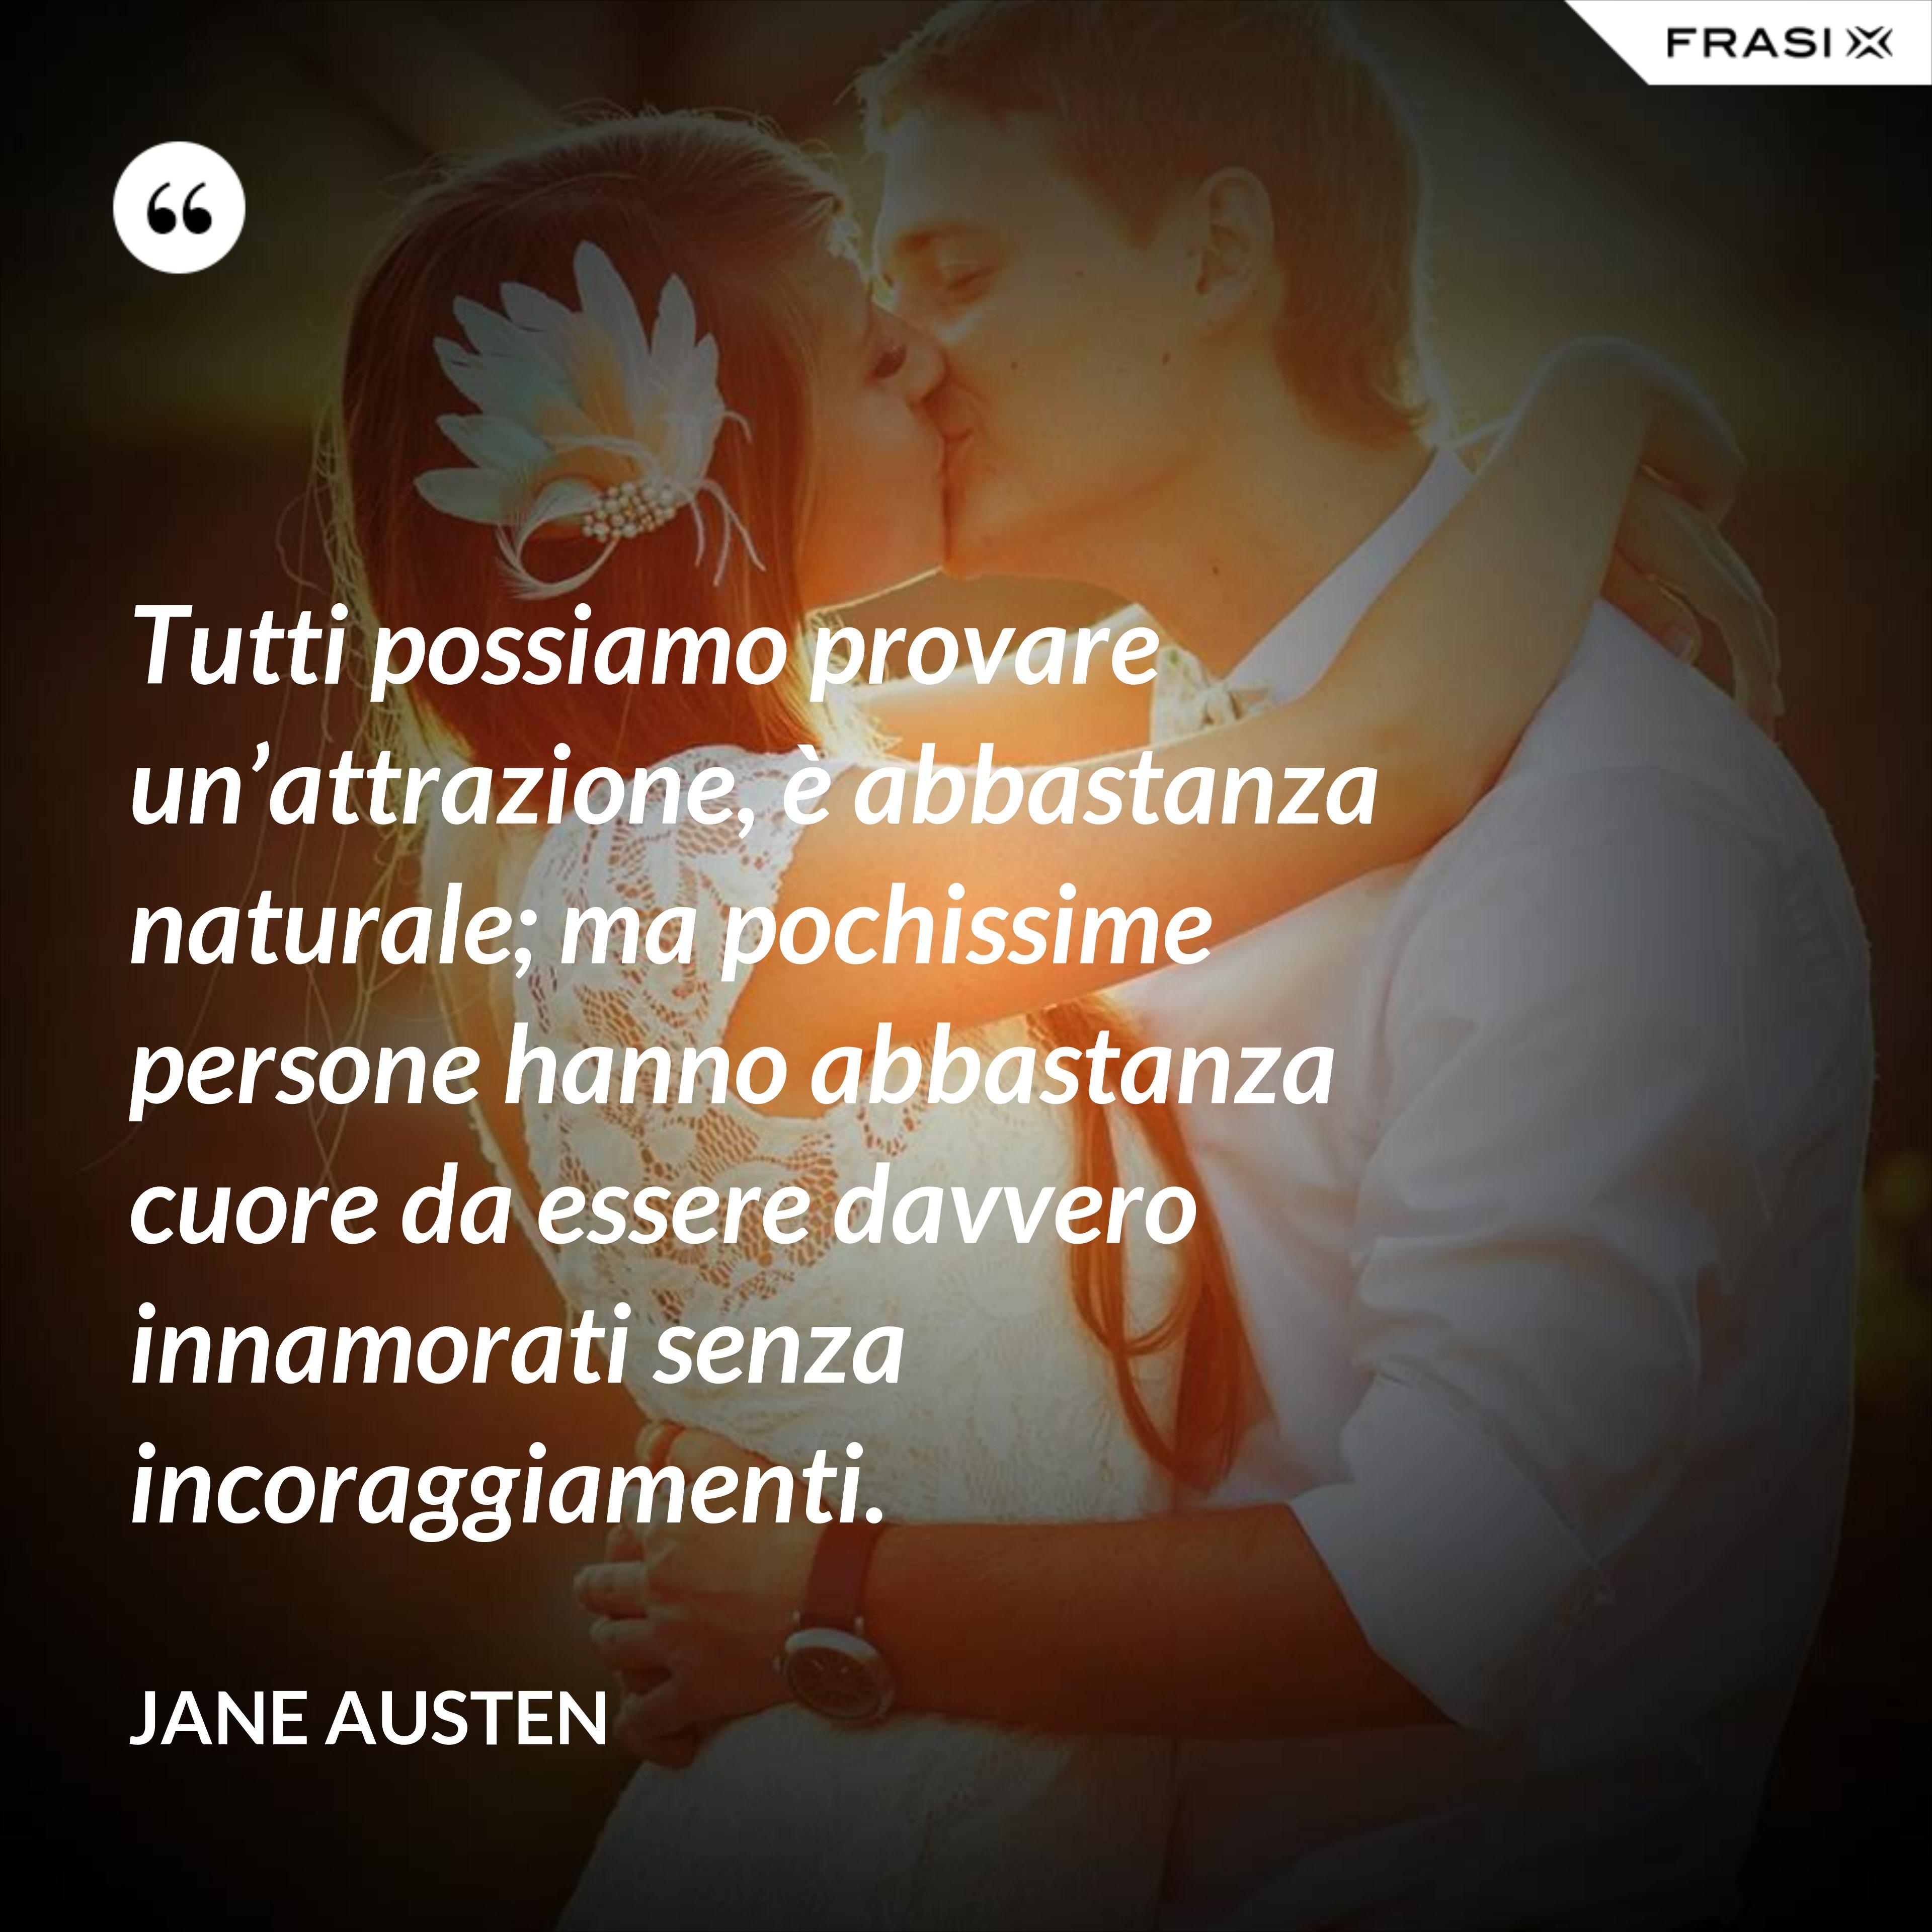 Tutti possiamo provare un'attrazione, è abbastanza naturale; ma pochissime persone hanno abbastanza cuore da essere davvero innamorati senza incoraggiamenti. - Jane Austen